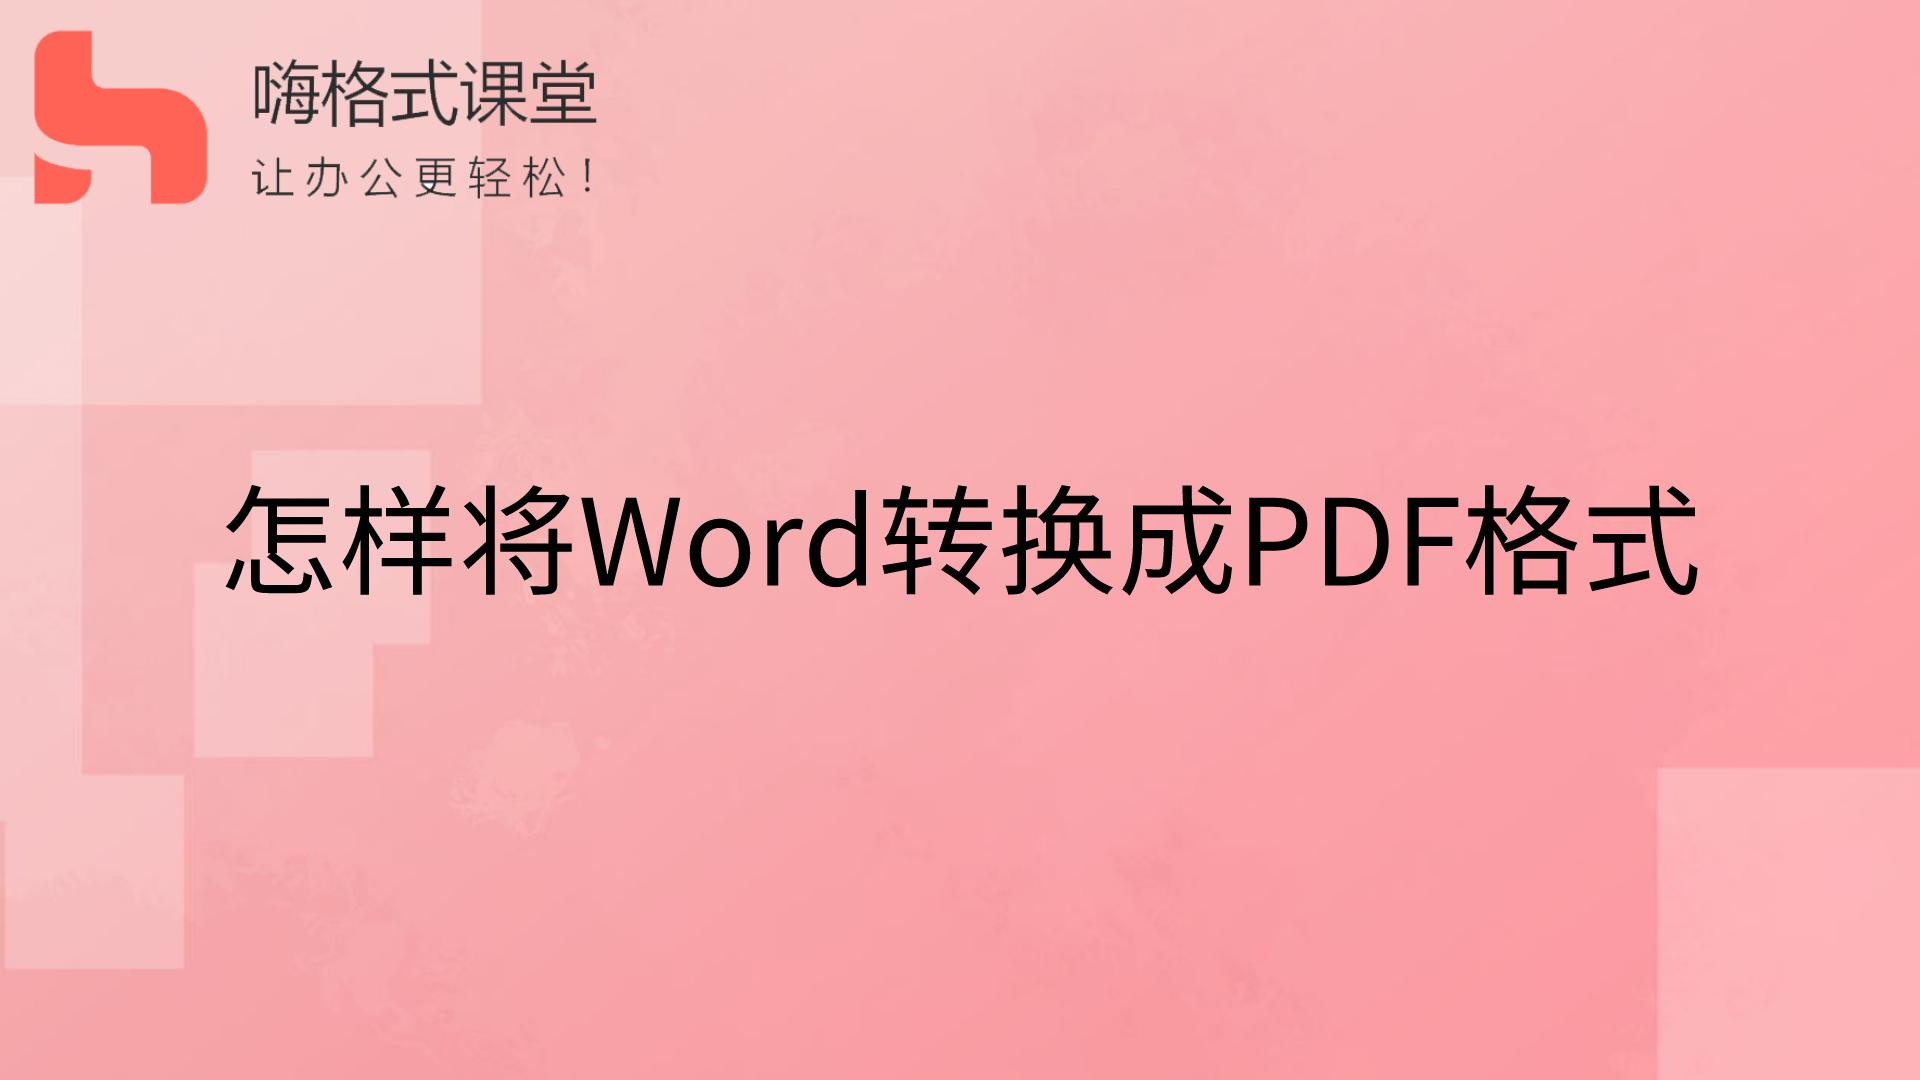 怎样将Word转换成PDF格式